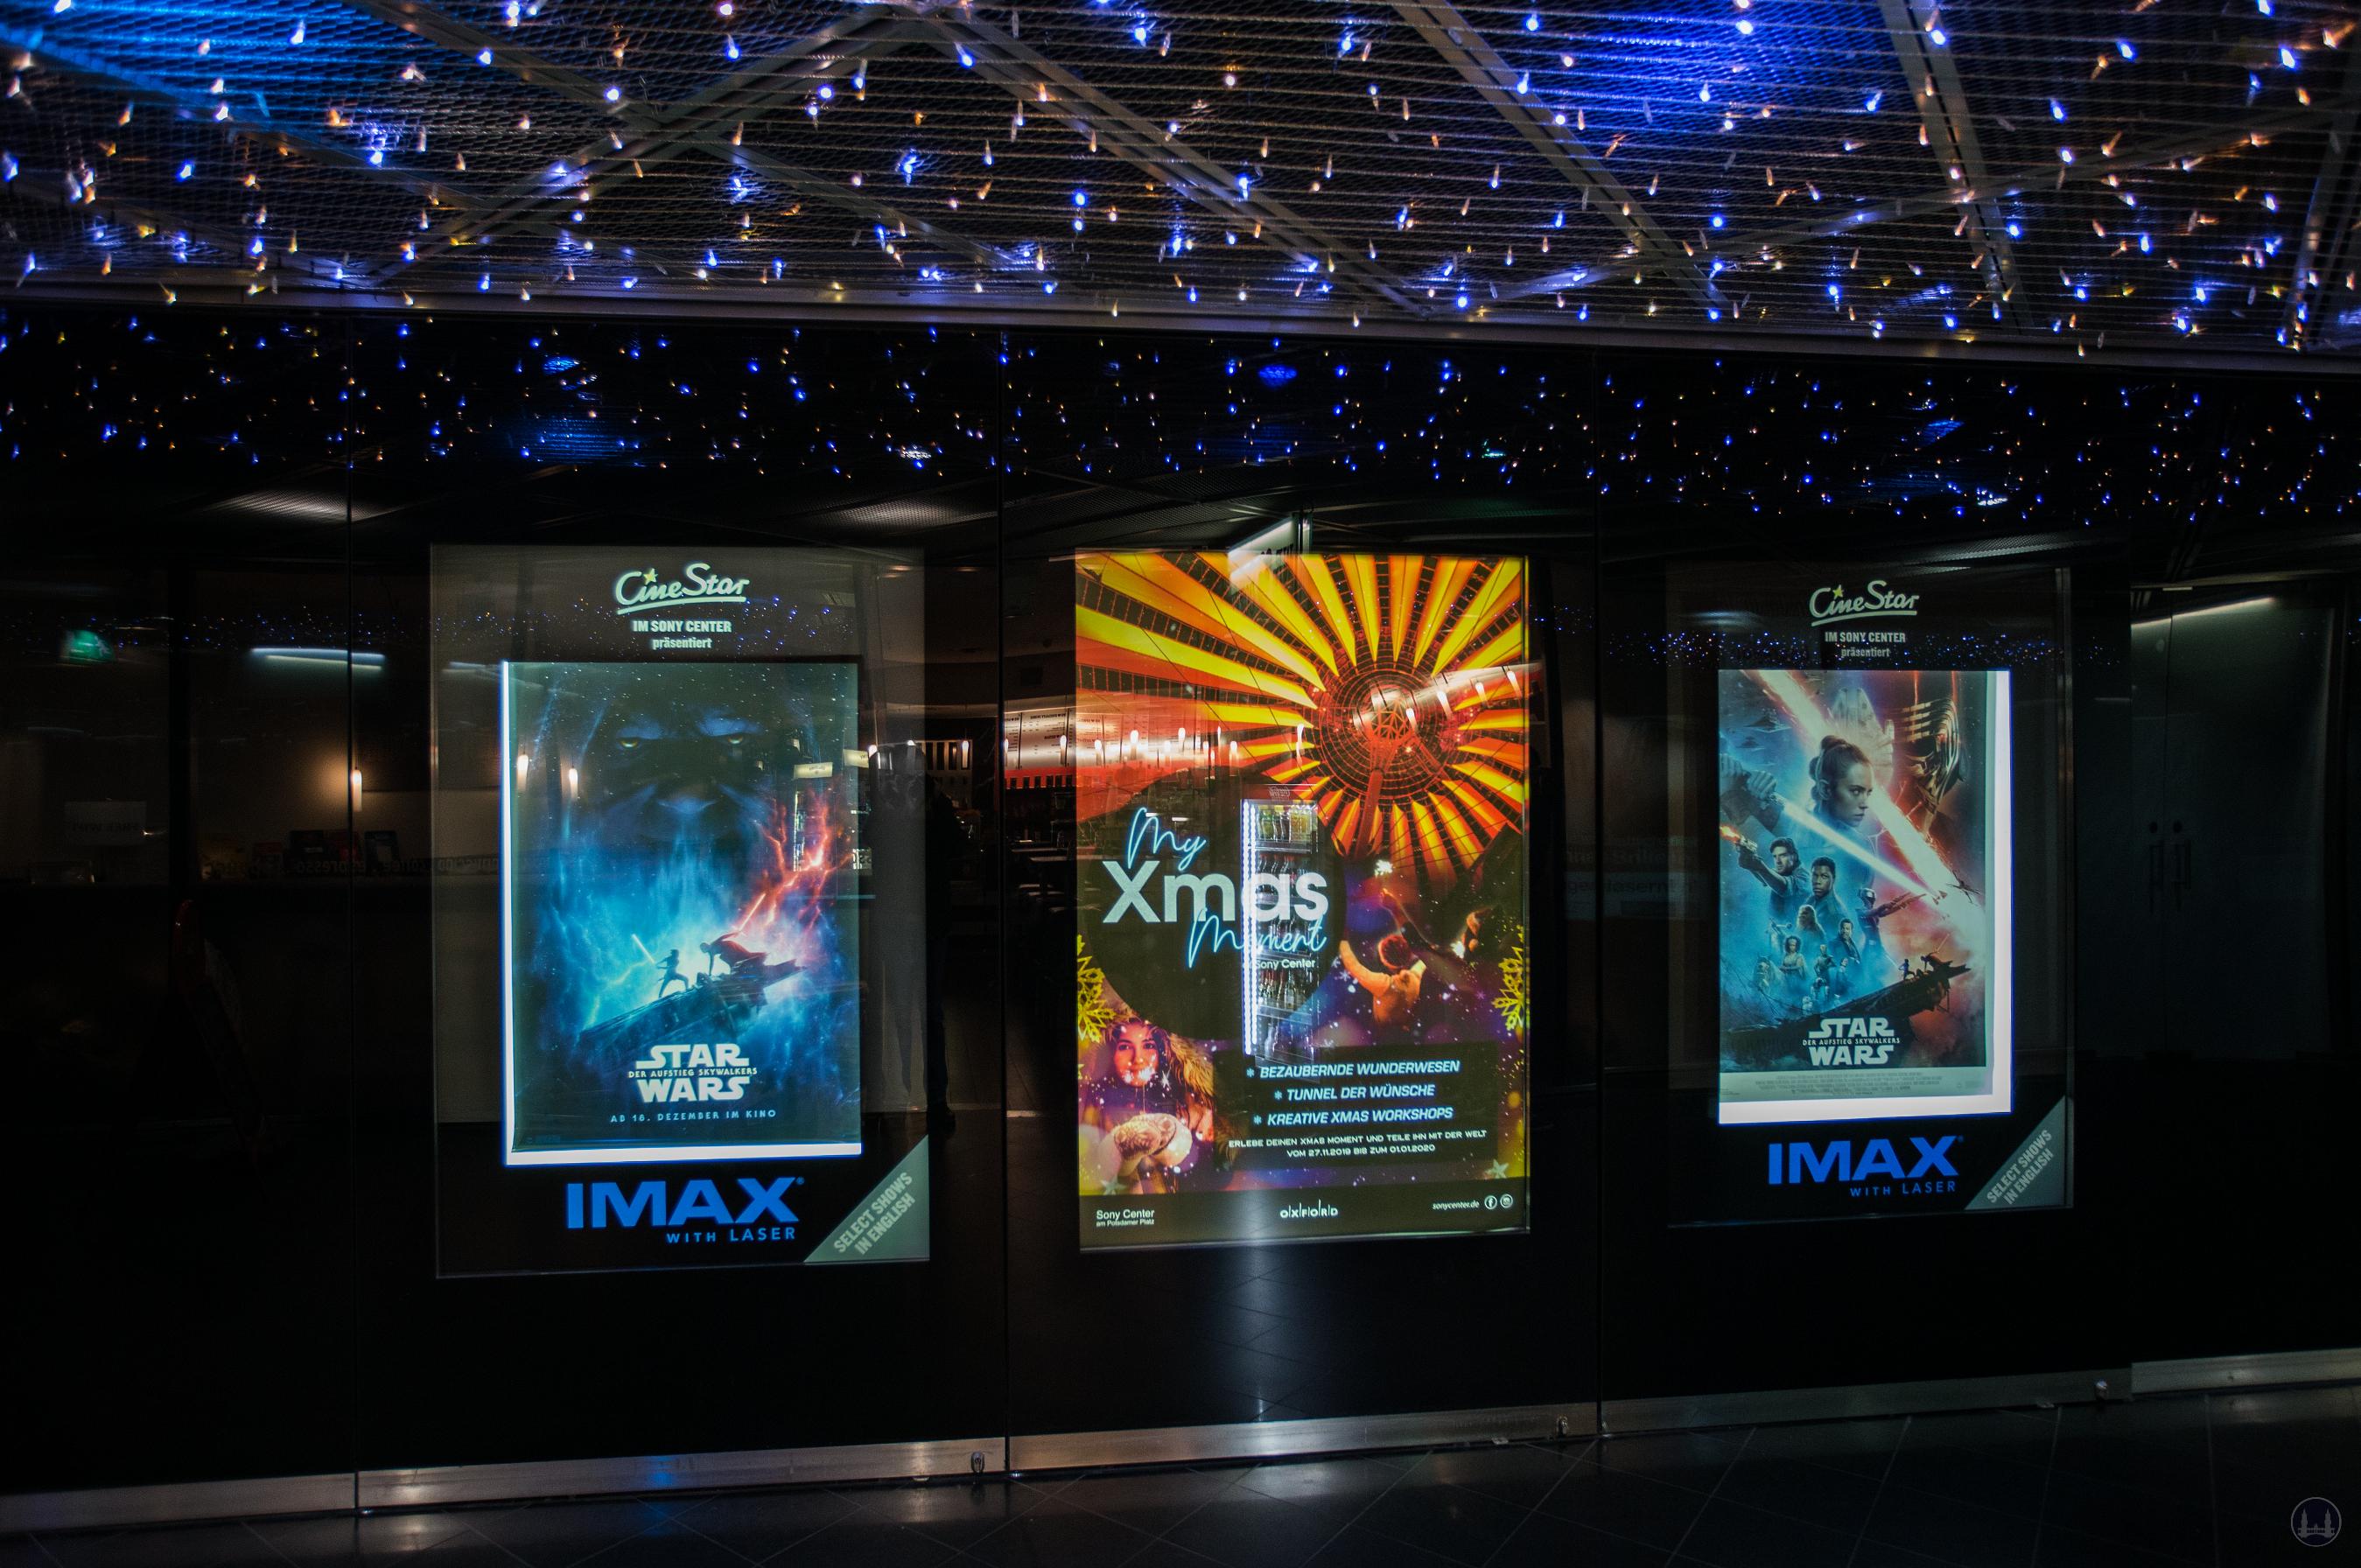 CineStar Kino im Sony Center Berlin. Werbung für das IMAX im Durchgang zum Regionalbahnhof Potsdamer Platz.